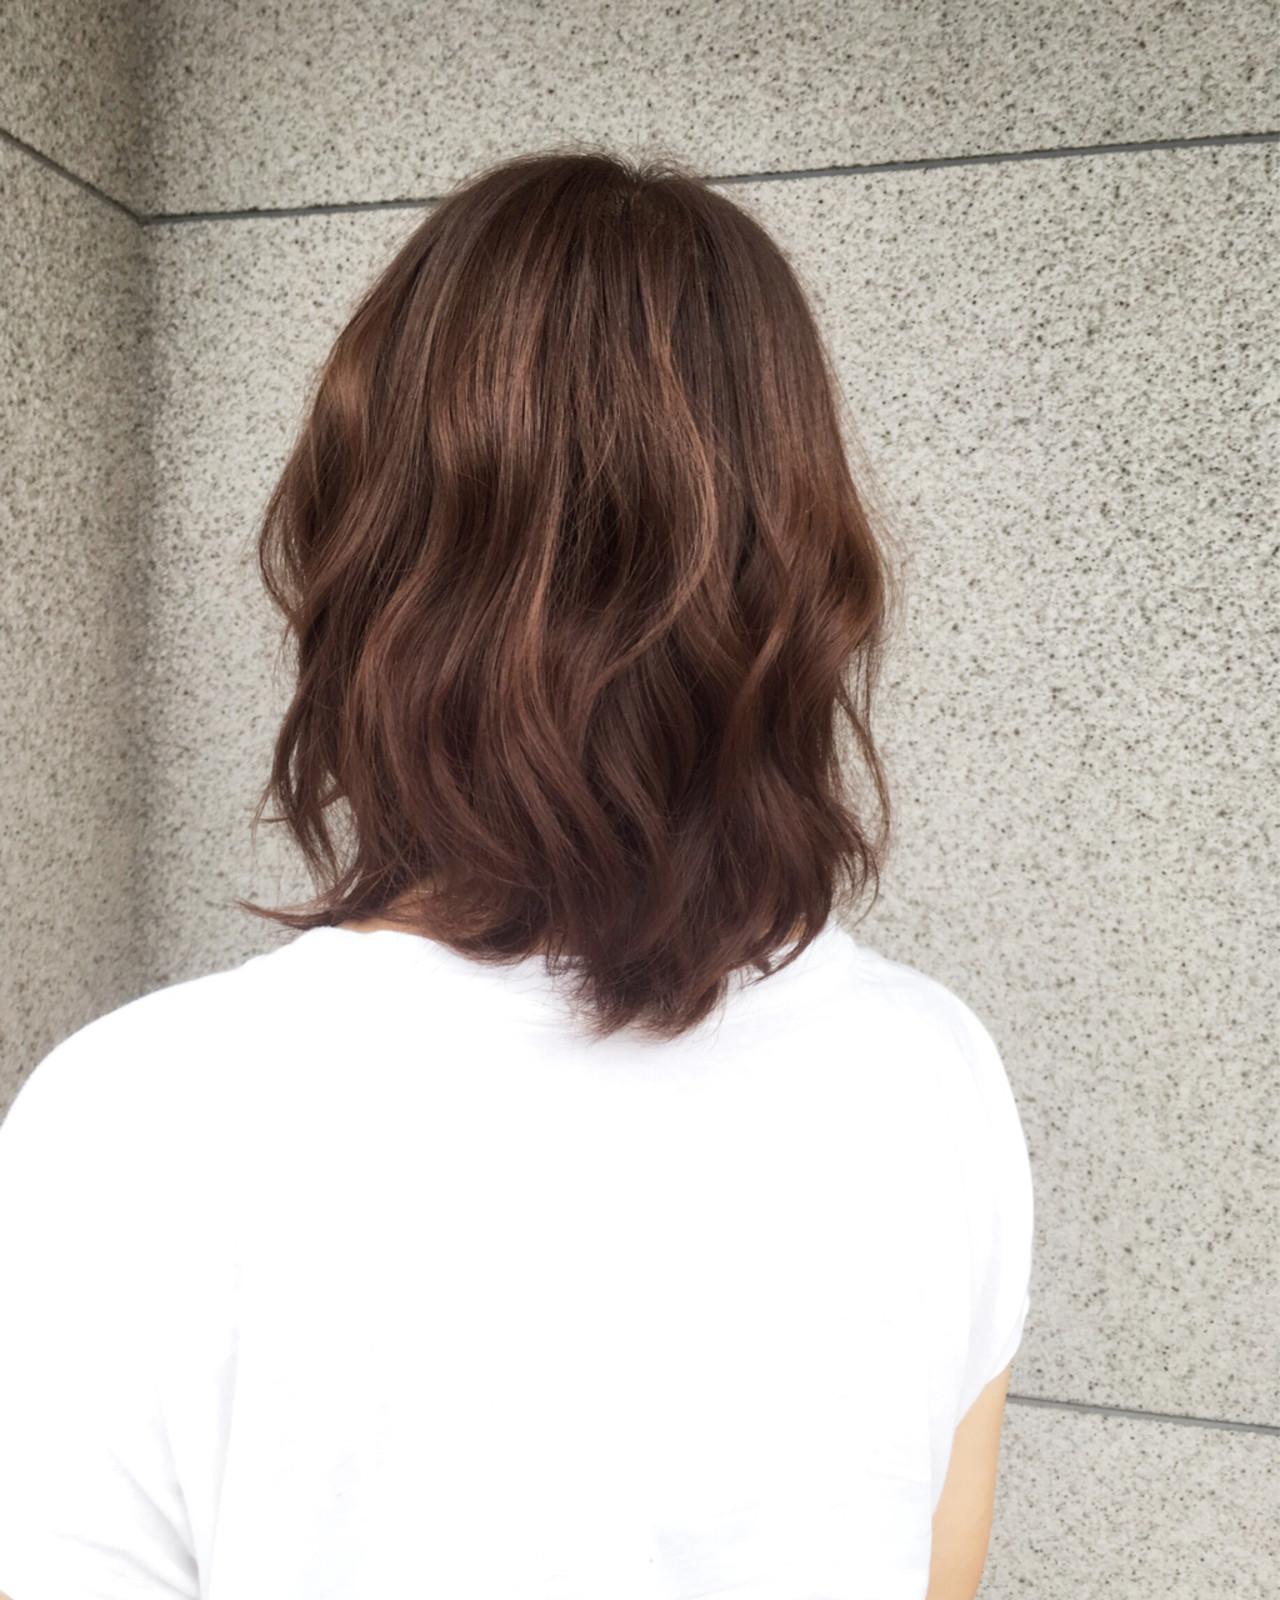 ゆるふわ 暗髪 ボブ 外国人風 ヘアスタイルや髪型の写真・画像 | 桑村亮太/CALIF hair store / 函館/CALIF hair store/キャリフ ヘアストア